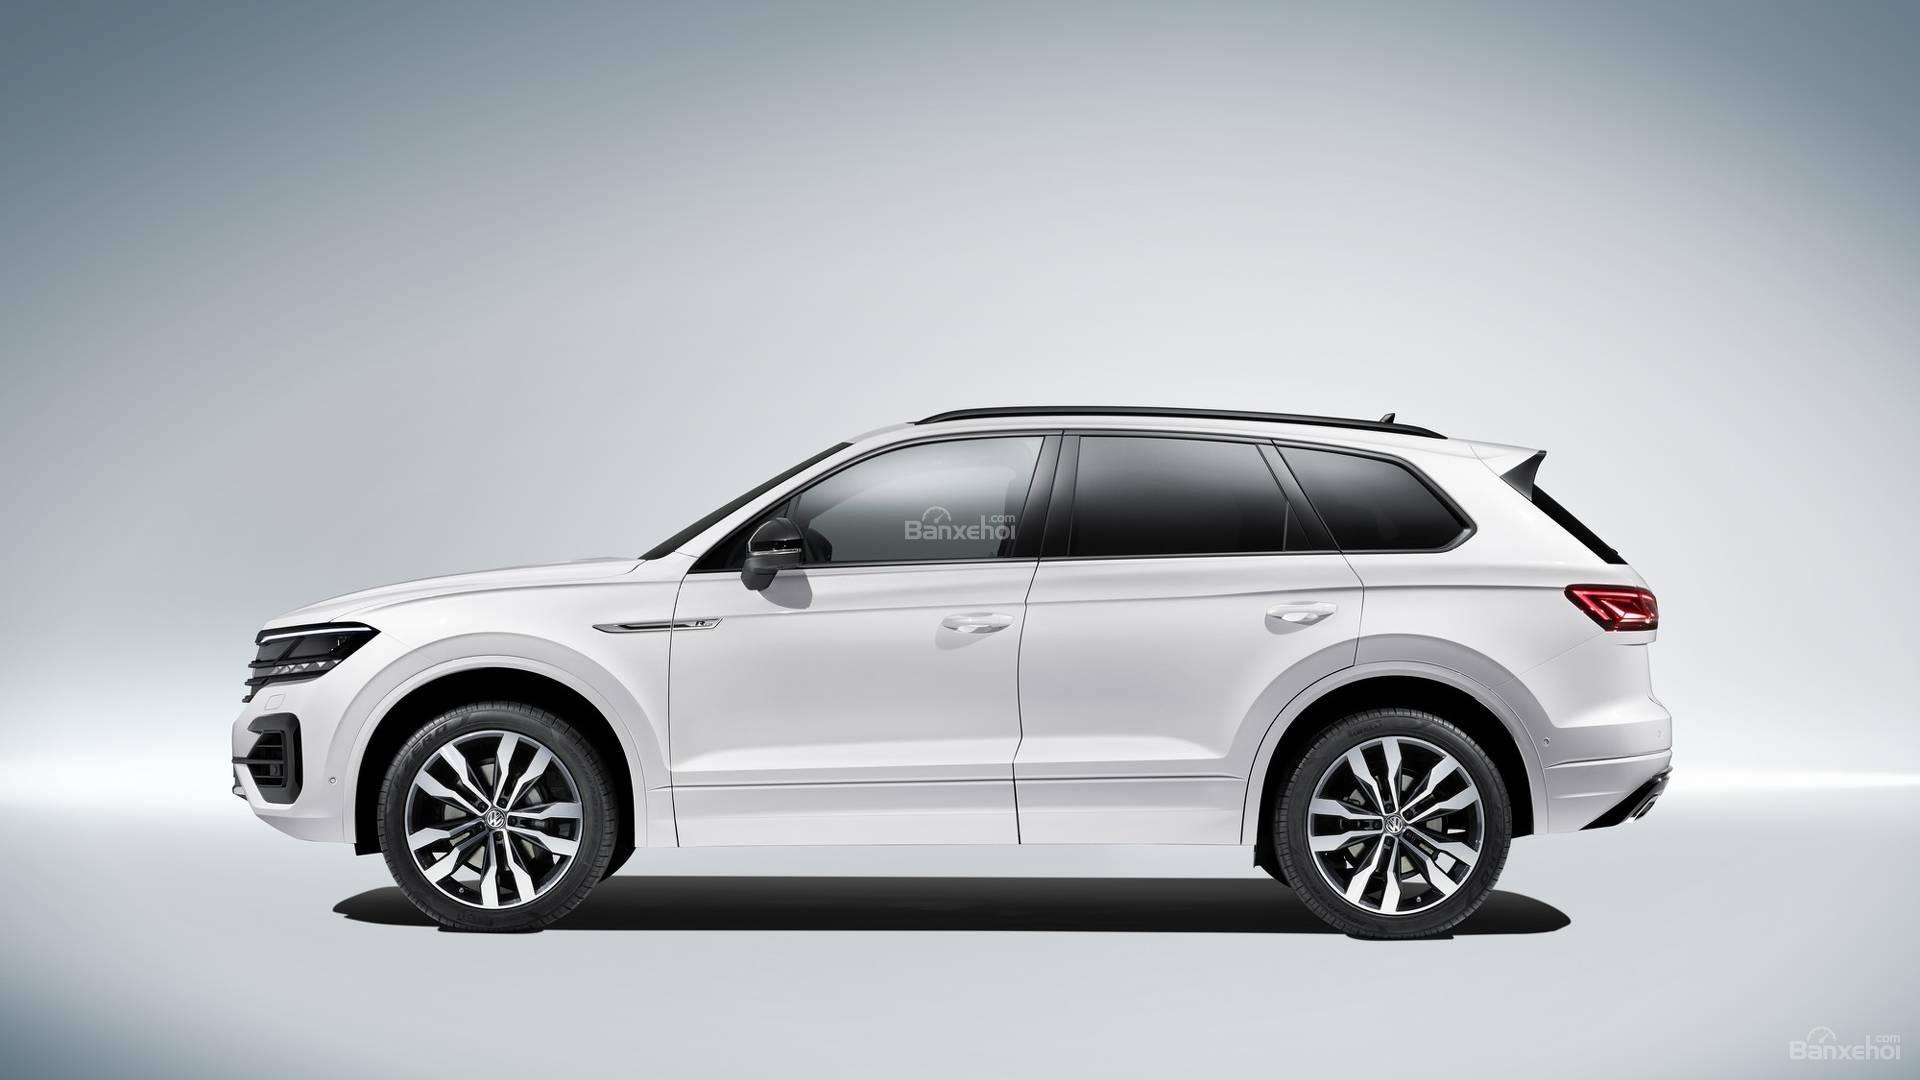 Đánh giá xe Volkswagen Touareg 2019 về thiết kế thân xe: lớn hơn phiên bản trước 2